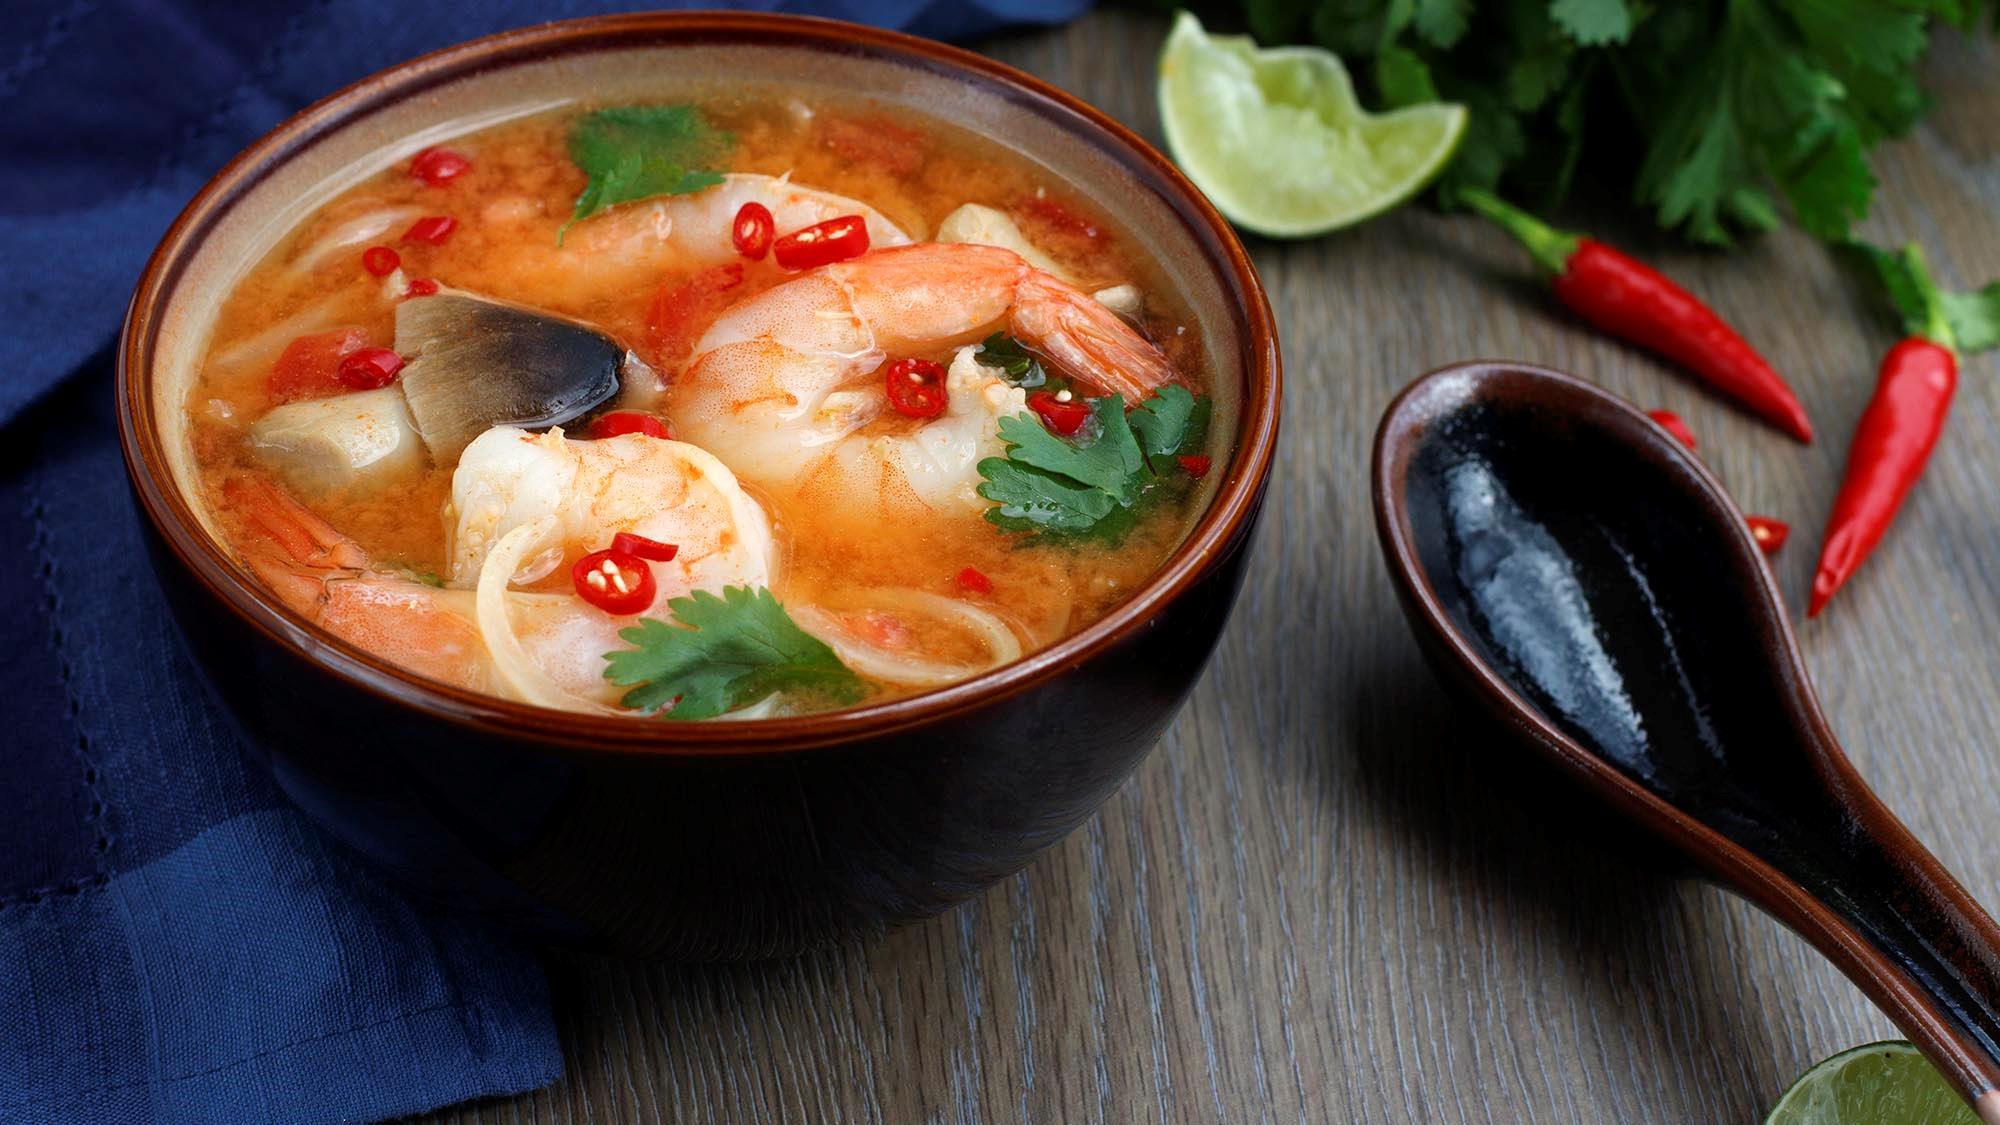 повезло, суп том ям рецепт с картинками жадеит